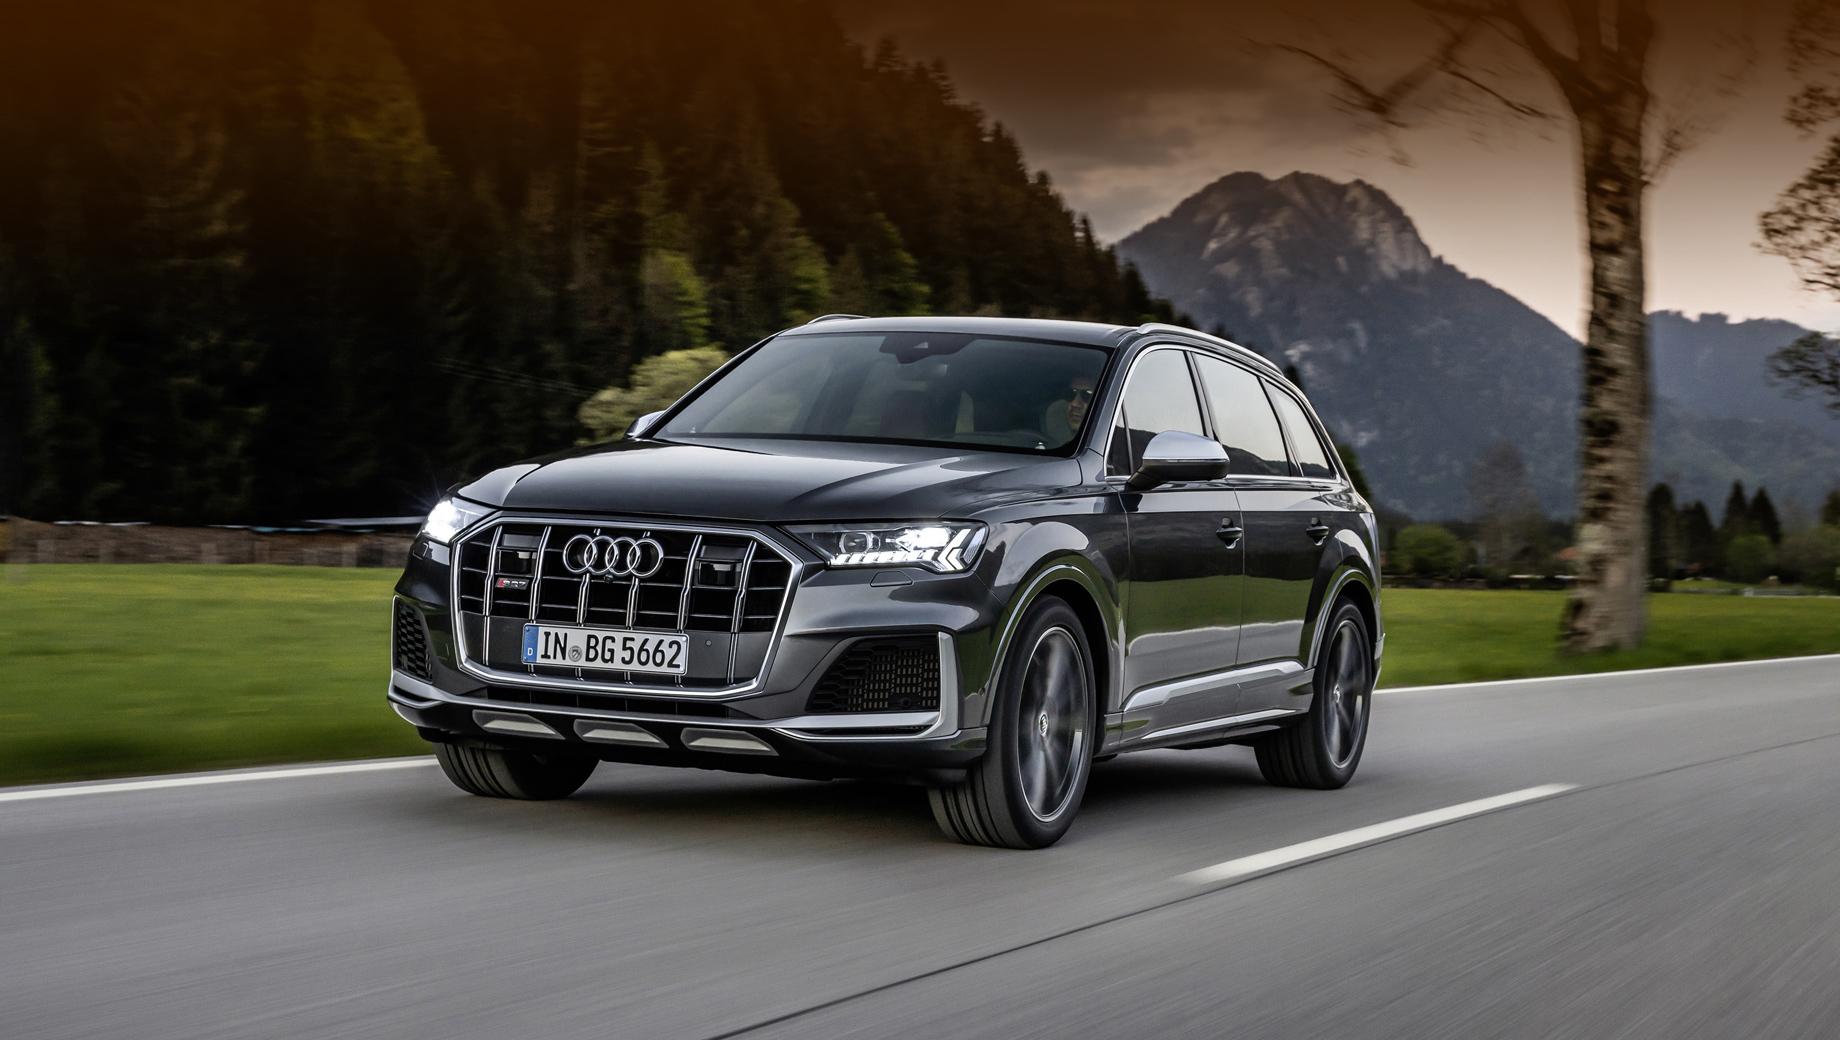 Пара Audi SQ7 TFSI и SQ8 TFSI попадёт на европейский рынок